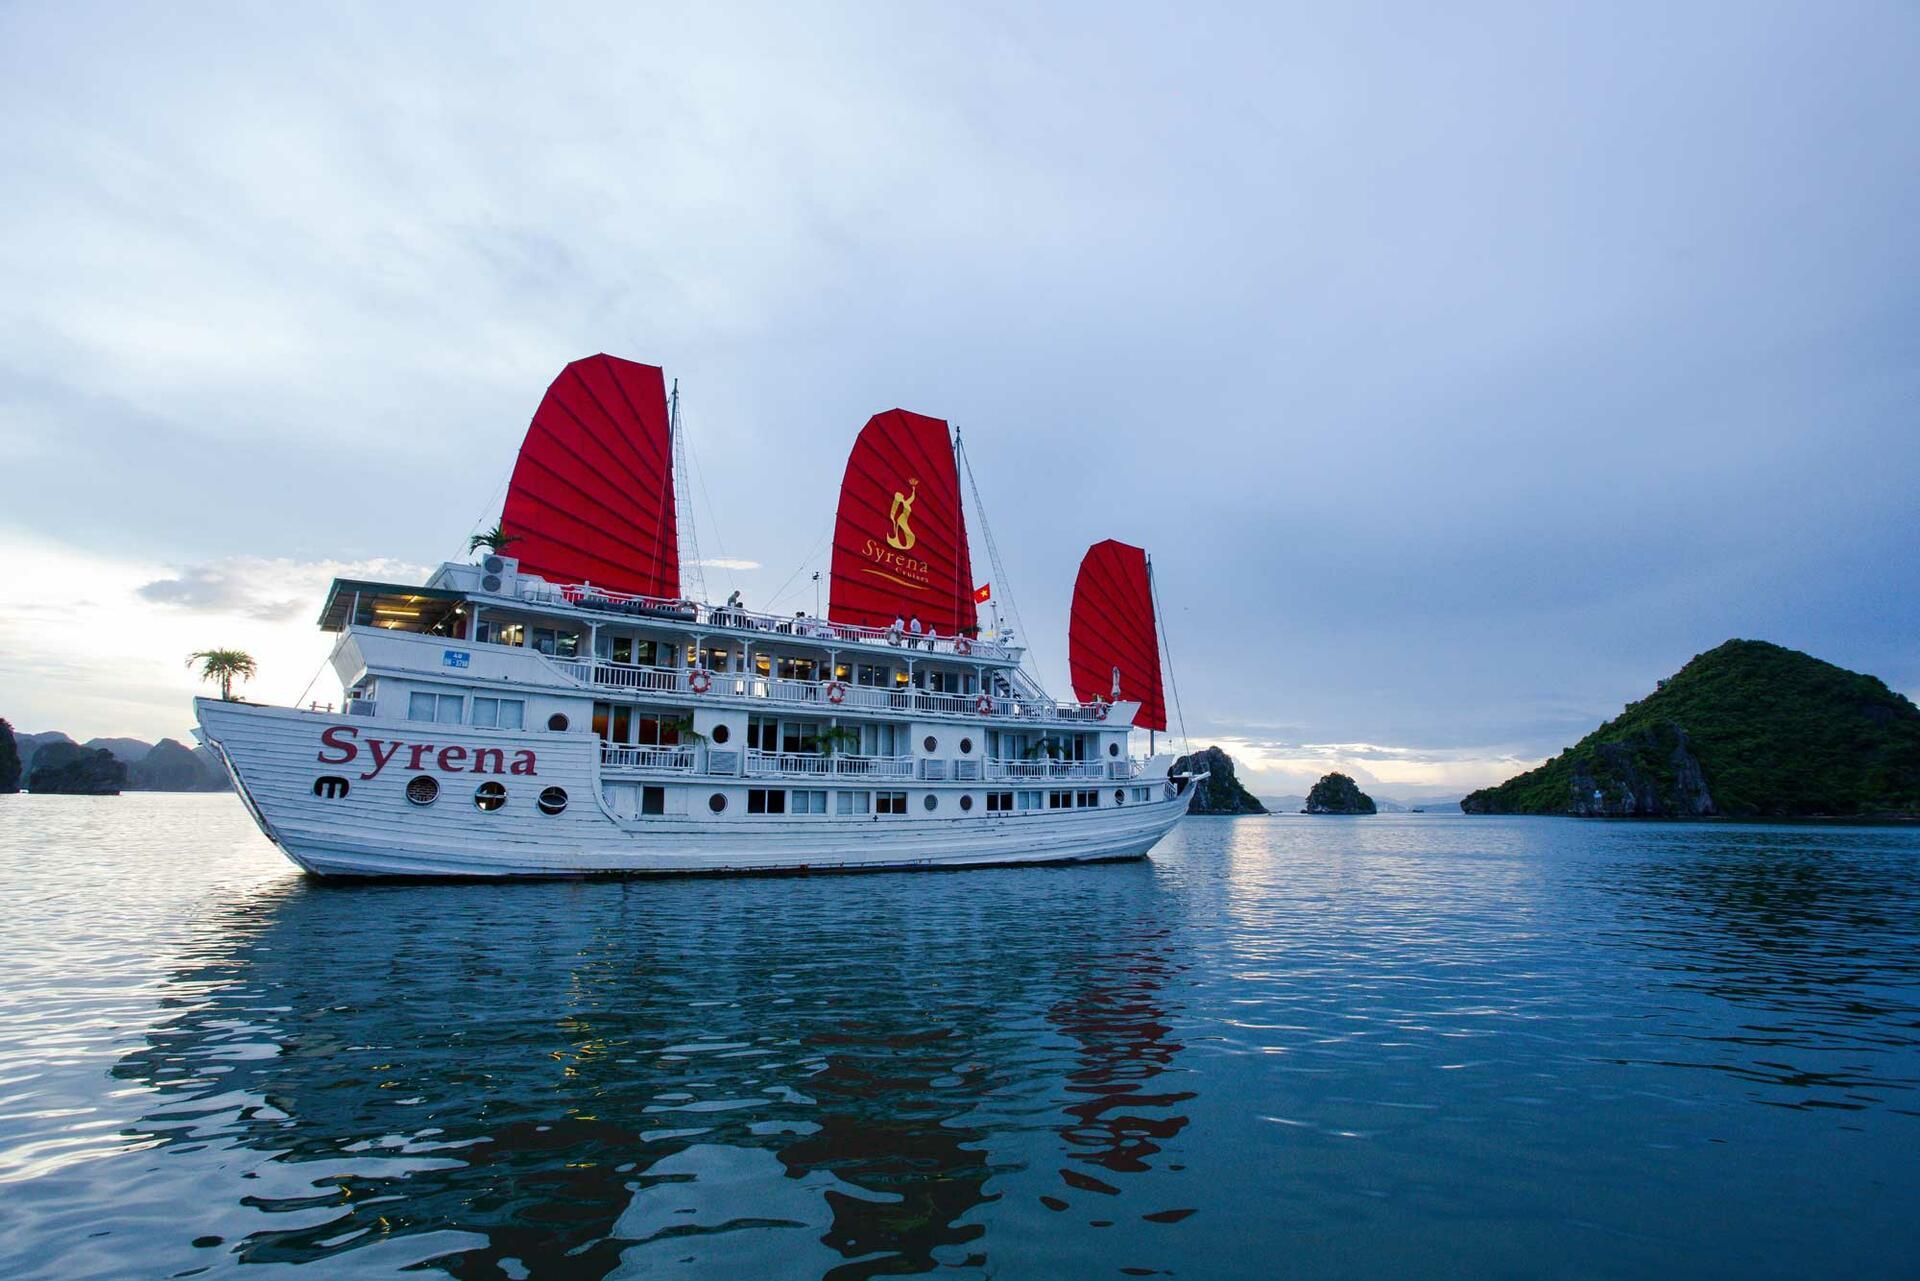 Halong Plaza Hotel - Syrena Cruises